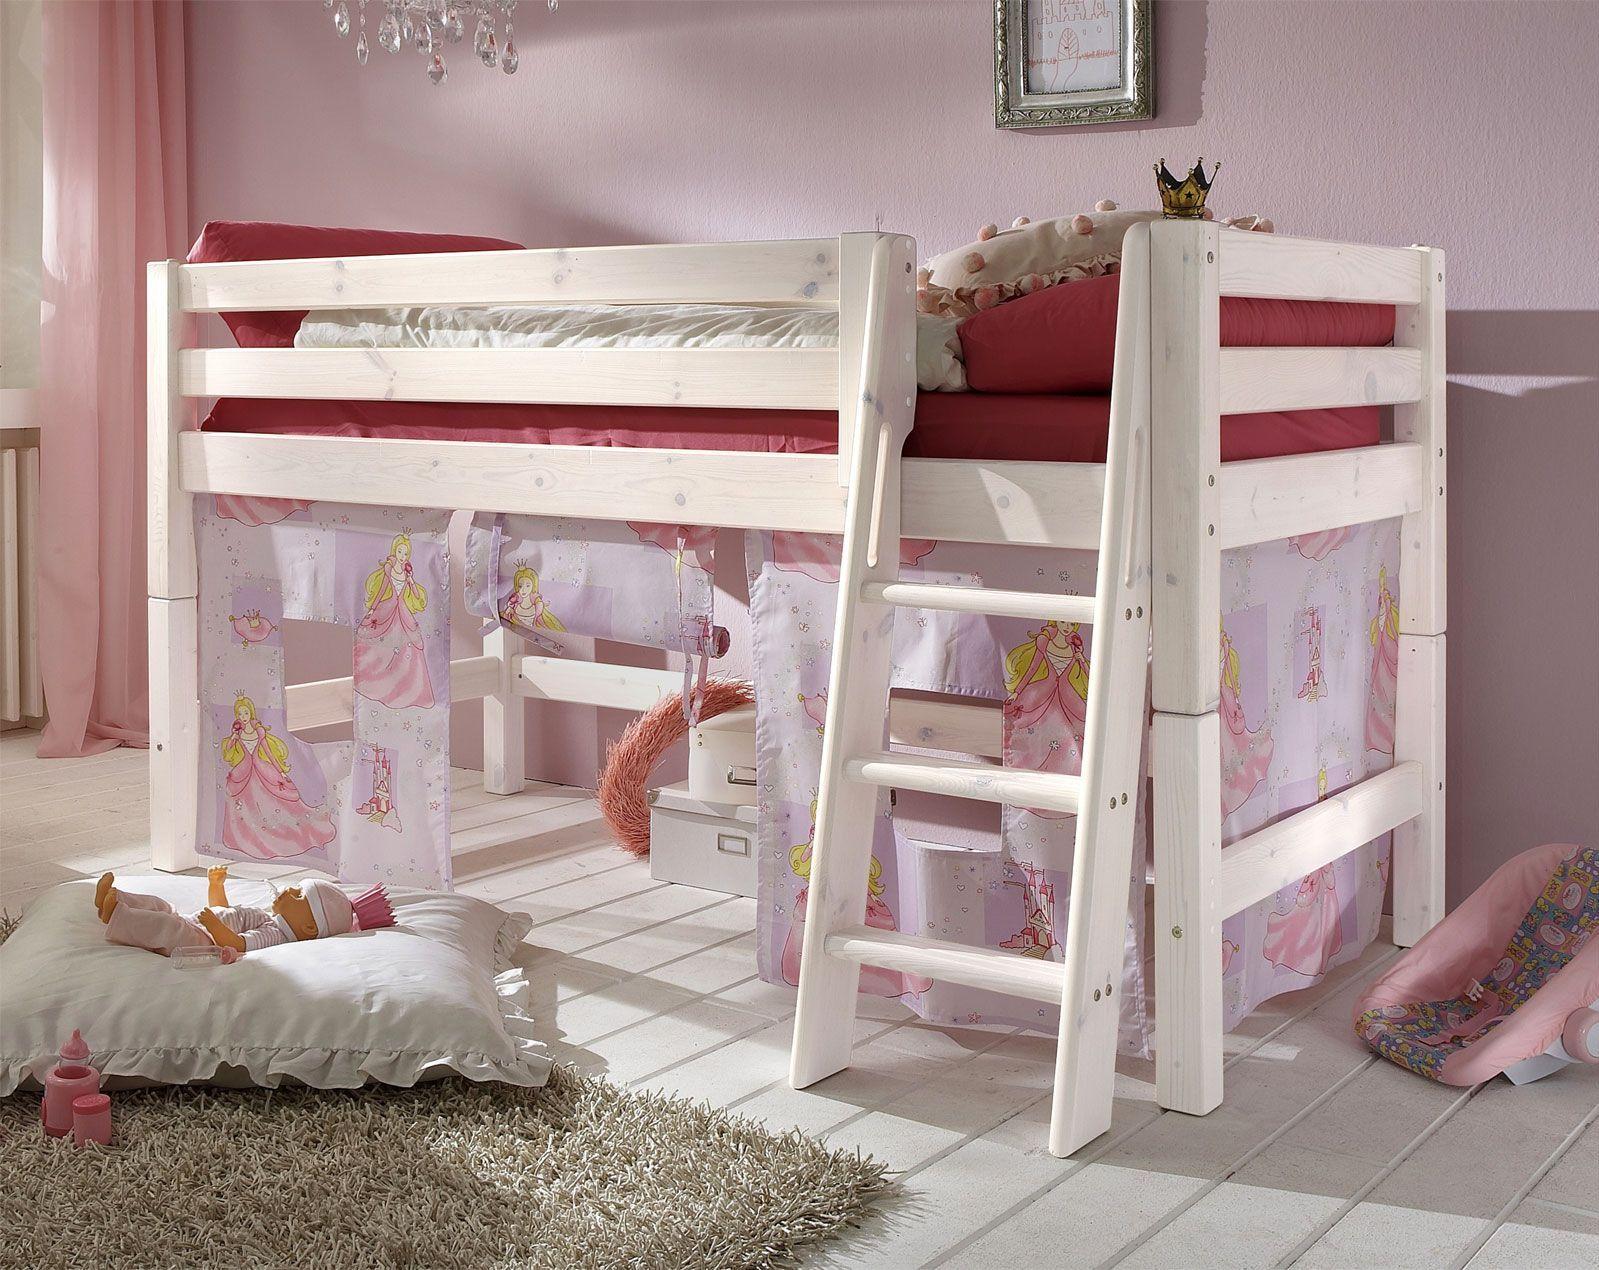 Etagenbett Vorhang Set Mädchen : Oliver furniture vorhang set für halbhochbett etagenbett